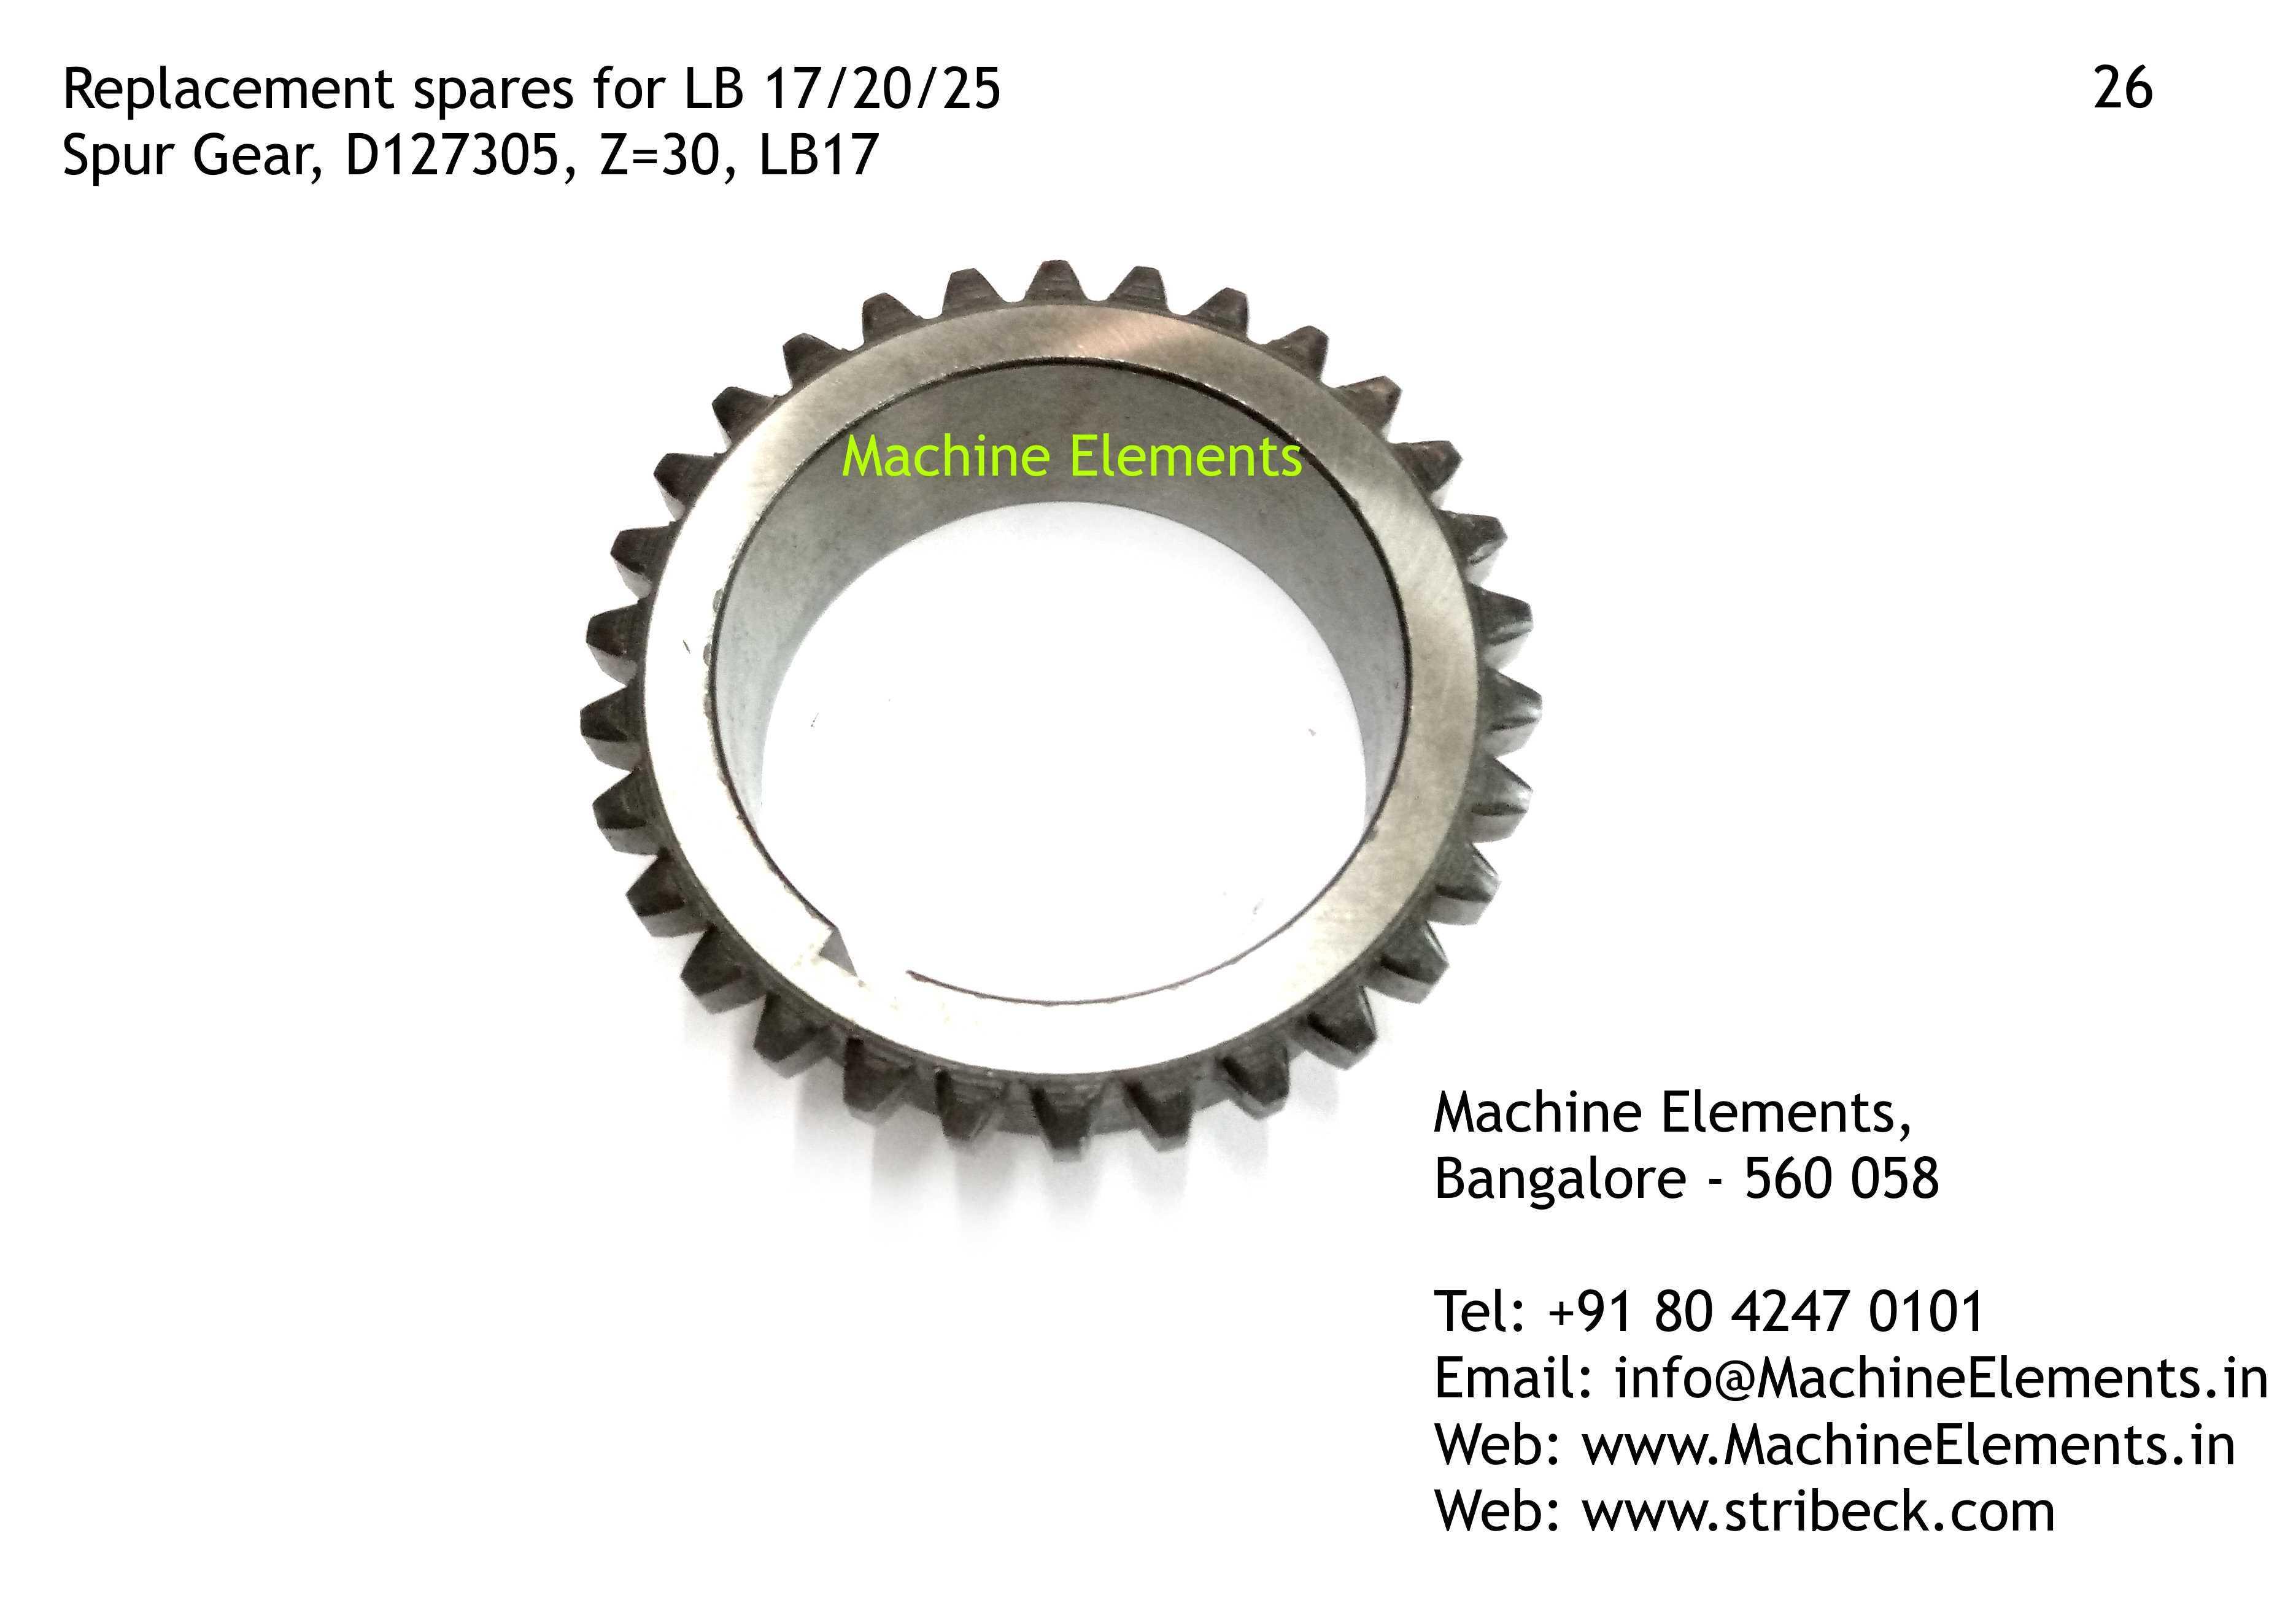 Spur Gear, D127305, Z=30